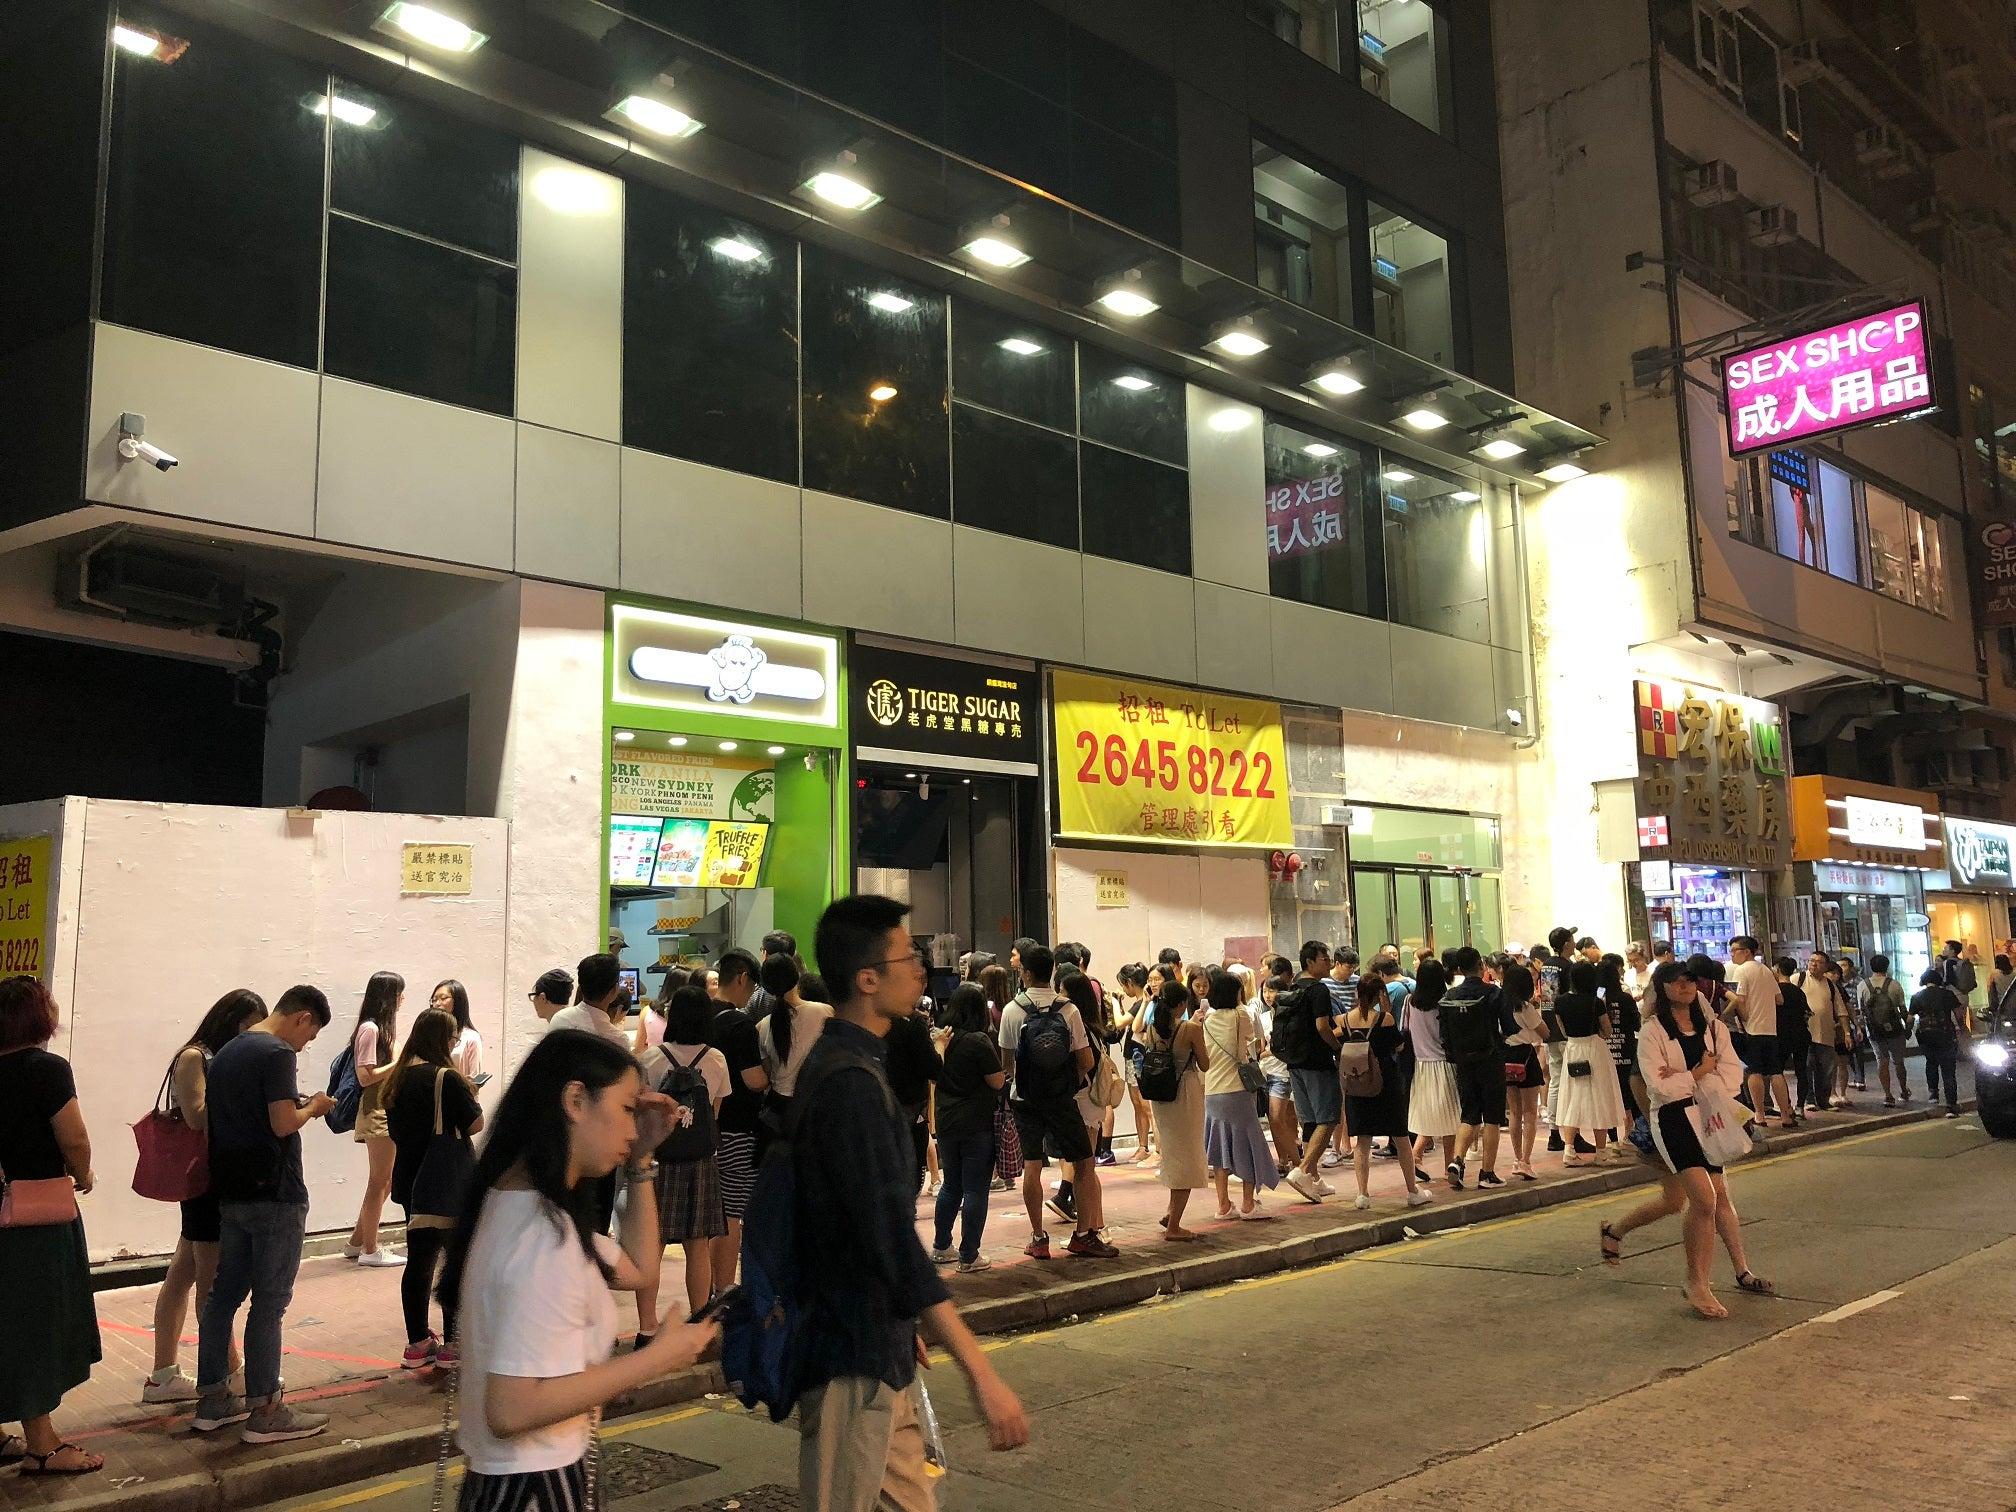 香港でも行列 黒糖タピオカミルクの《老虎堂 Tiger Sugar